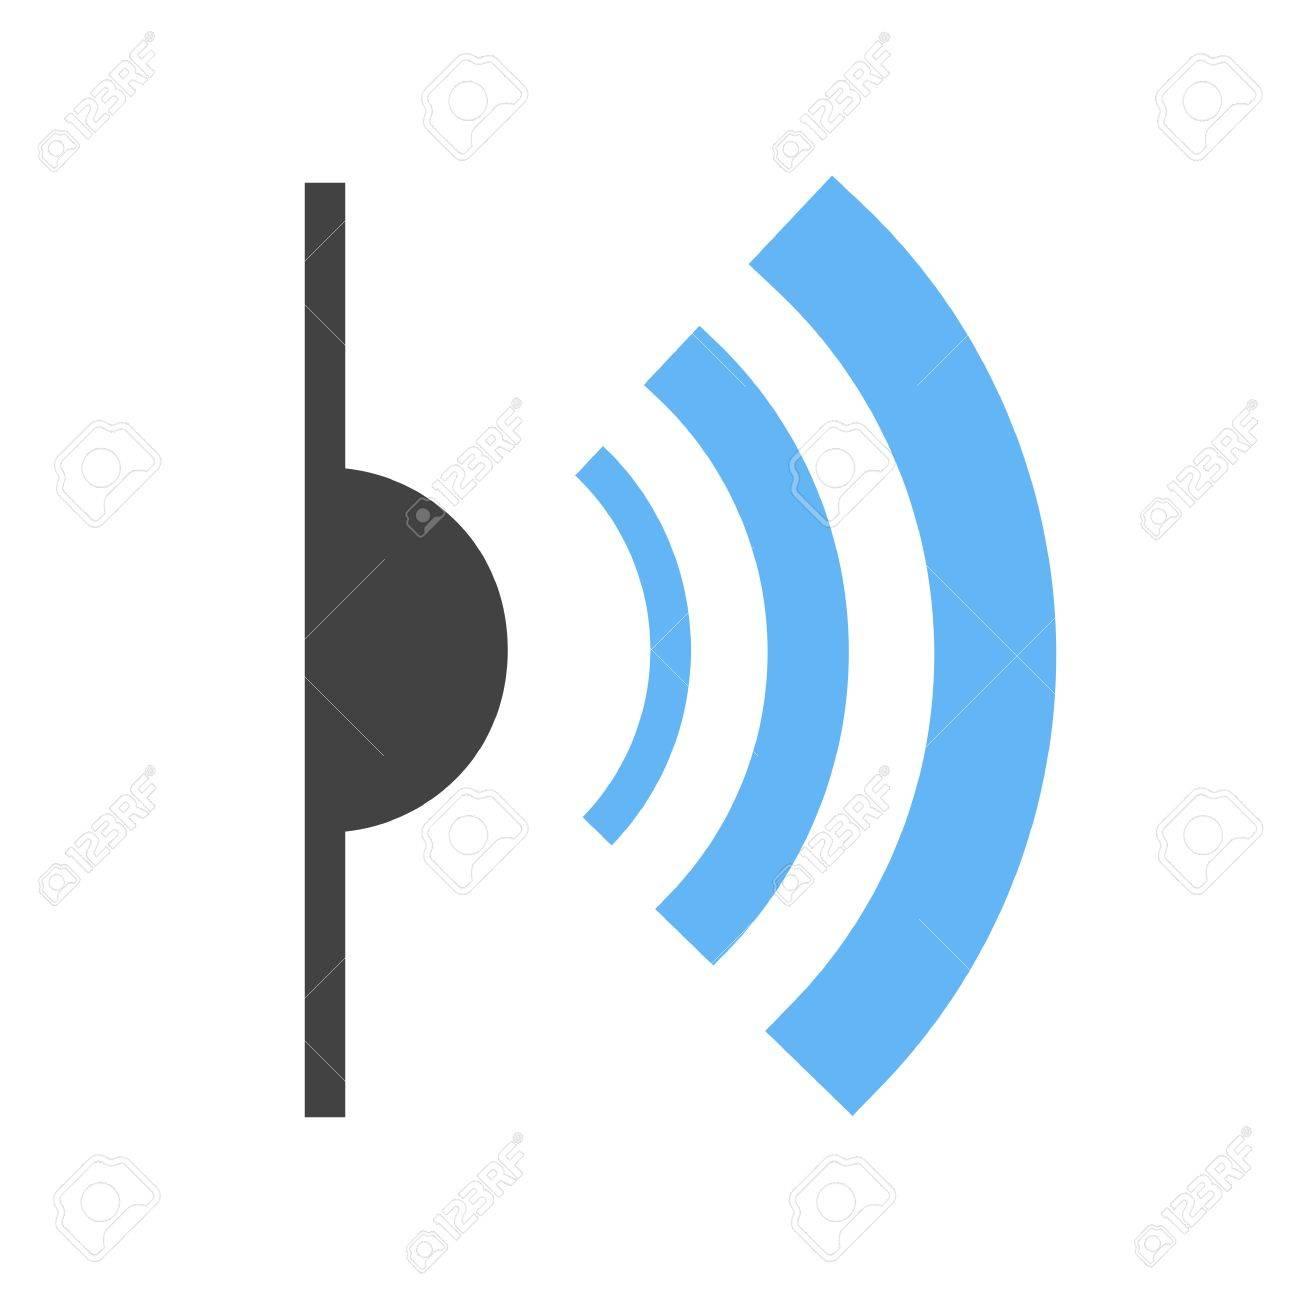 Erfreut Symbol Für Verbindung Bilder - Die Besten Elektrischen ...